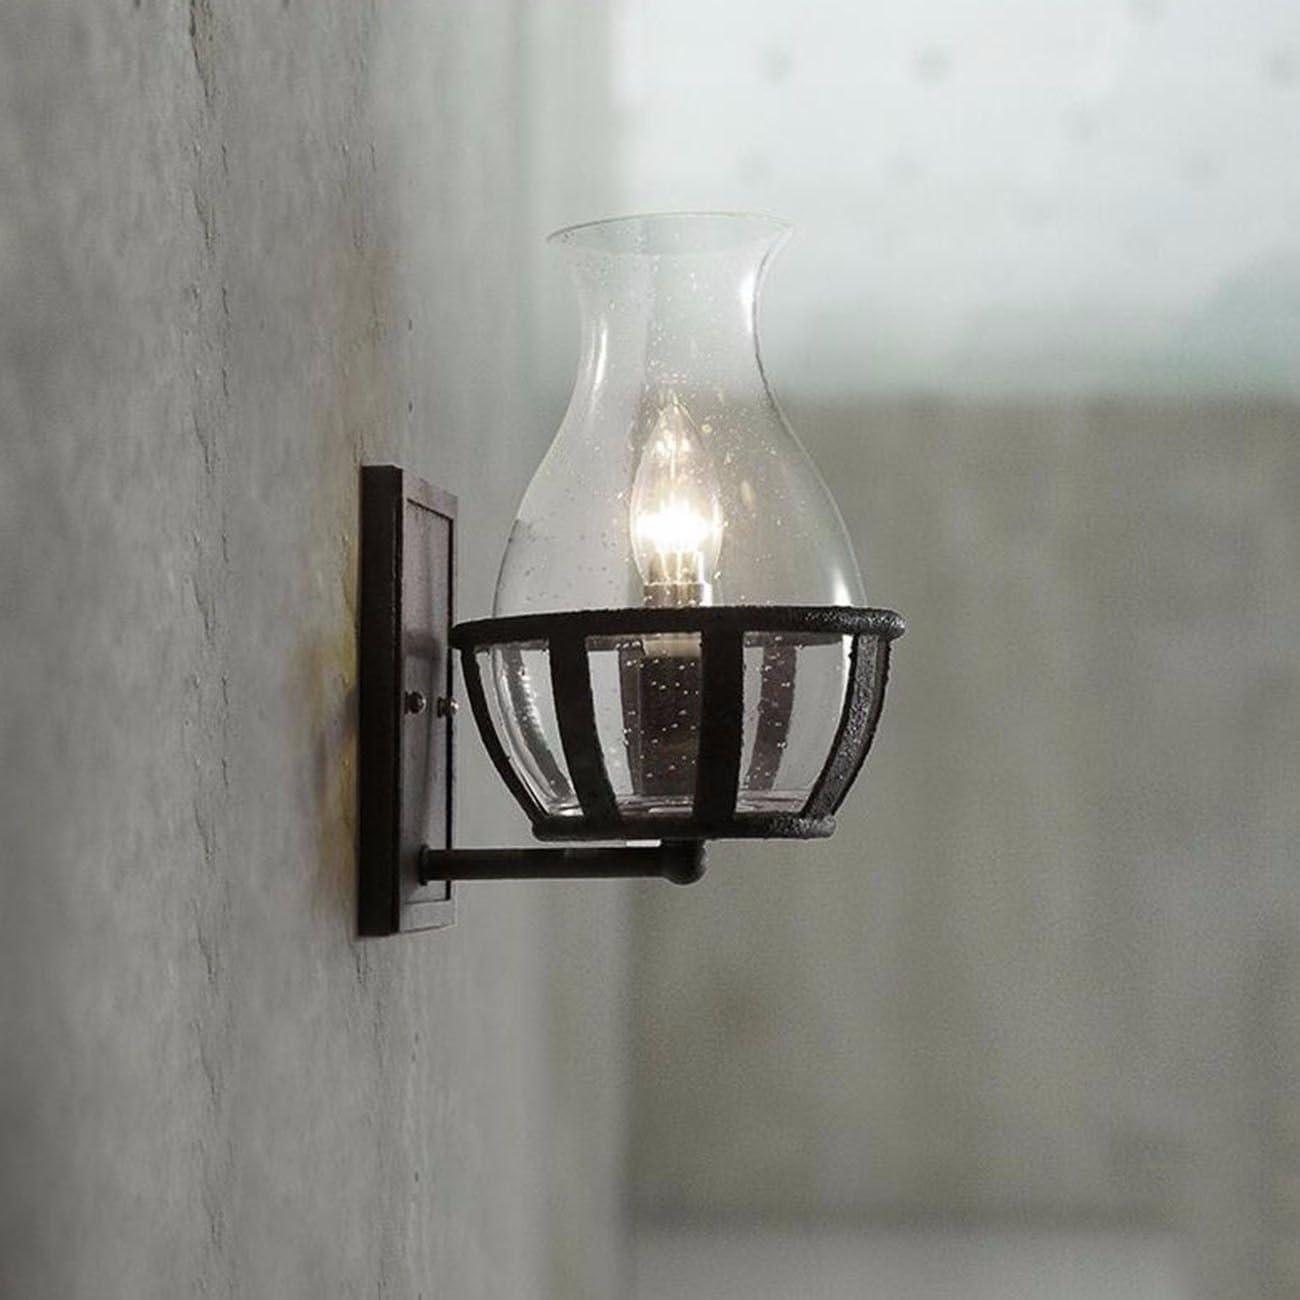 T-ZBDZ Nostálgico vidrio botella de vino lámpara de pared labrada ...